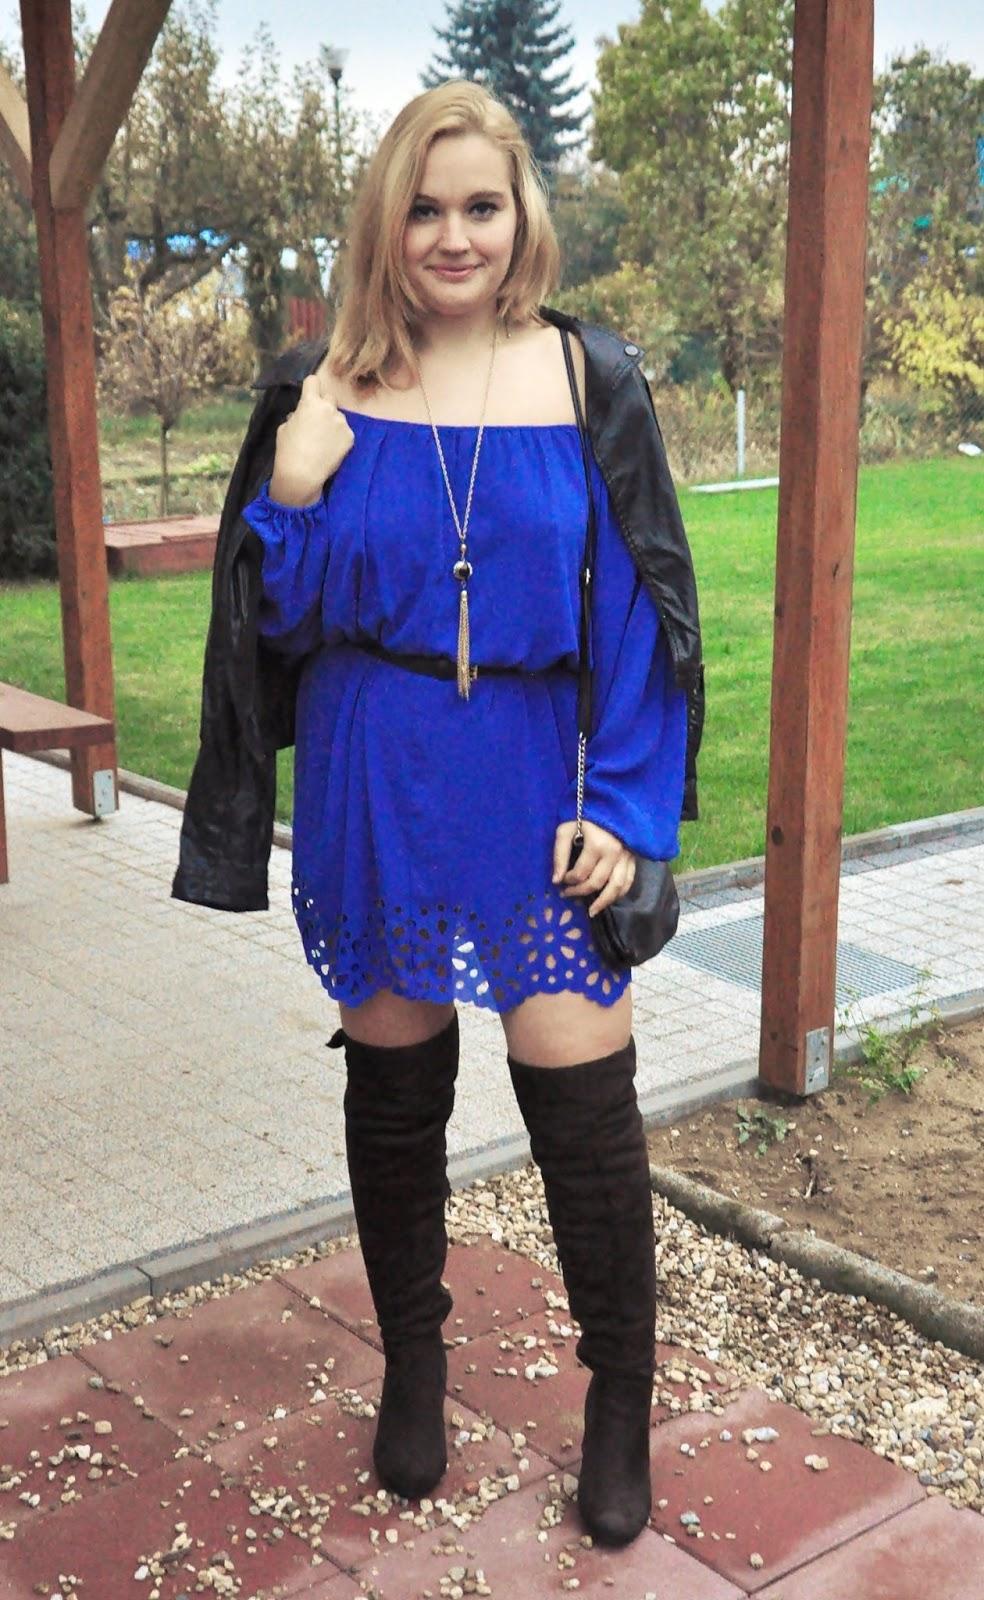 tanie_sukienki_stylizacje_kasia